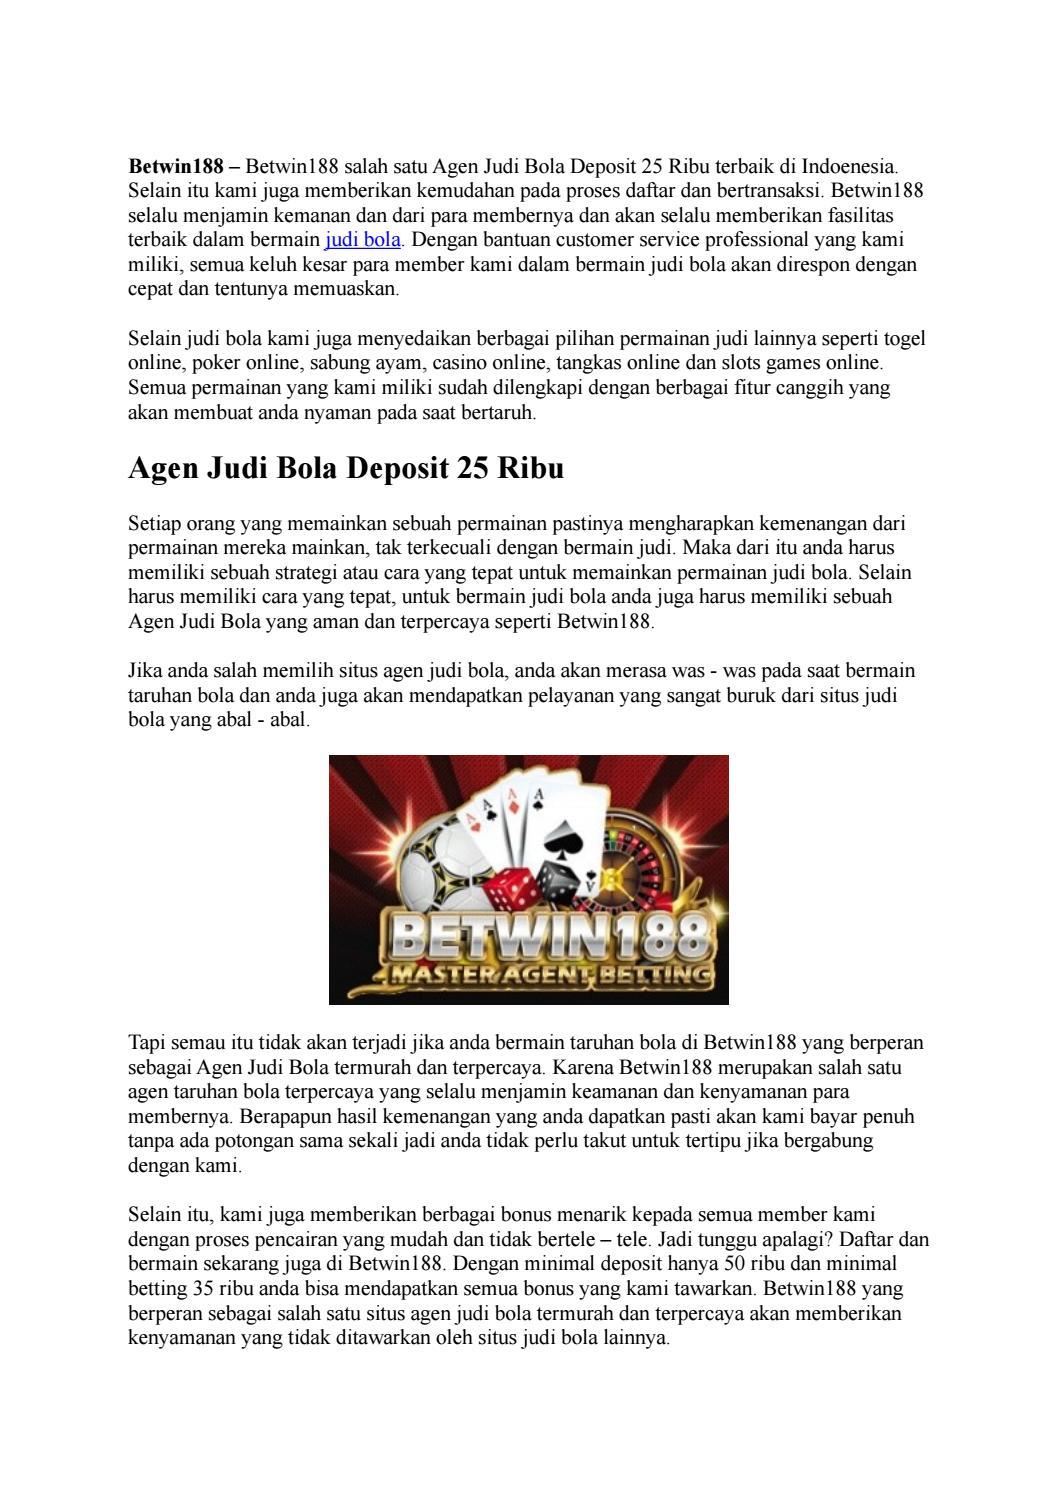 Agen Judi Bola Deposit 25 Ribu By Goodlucky99 Issuu